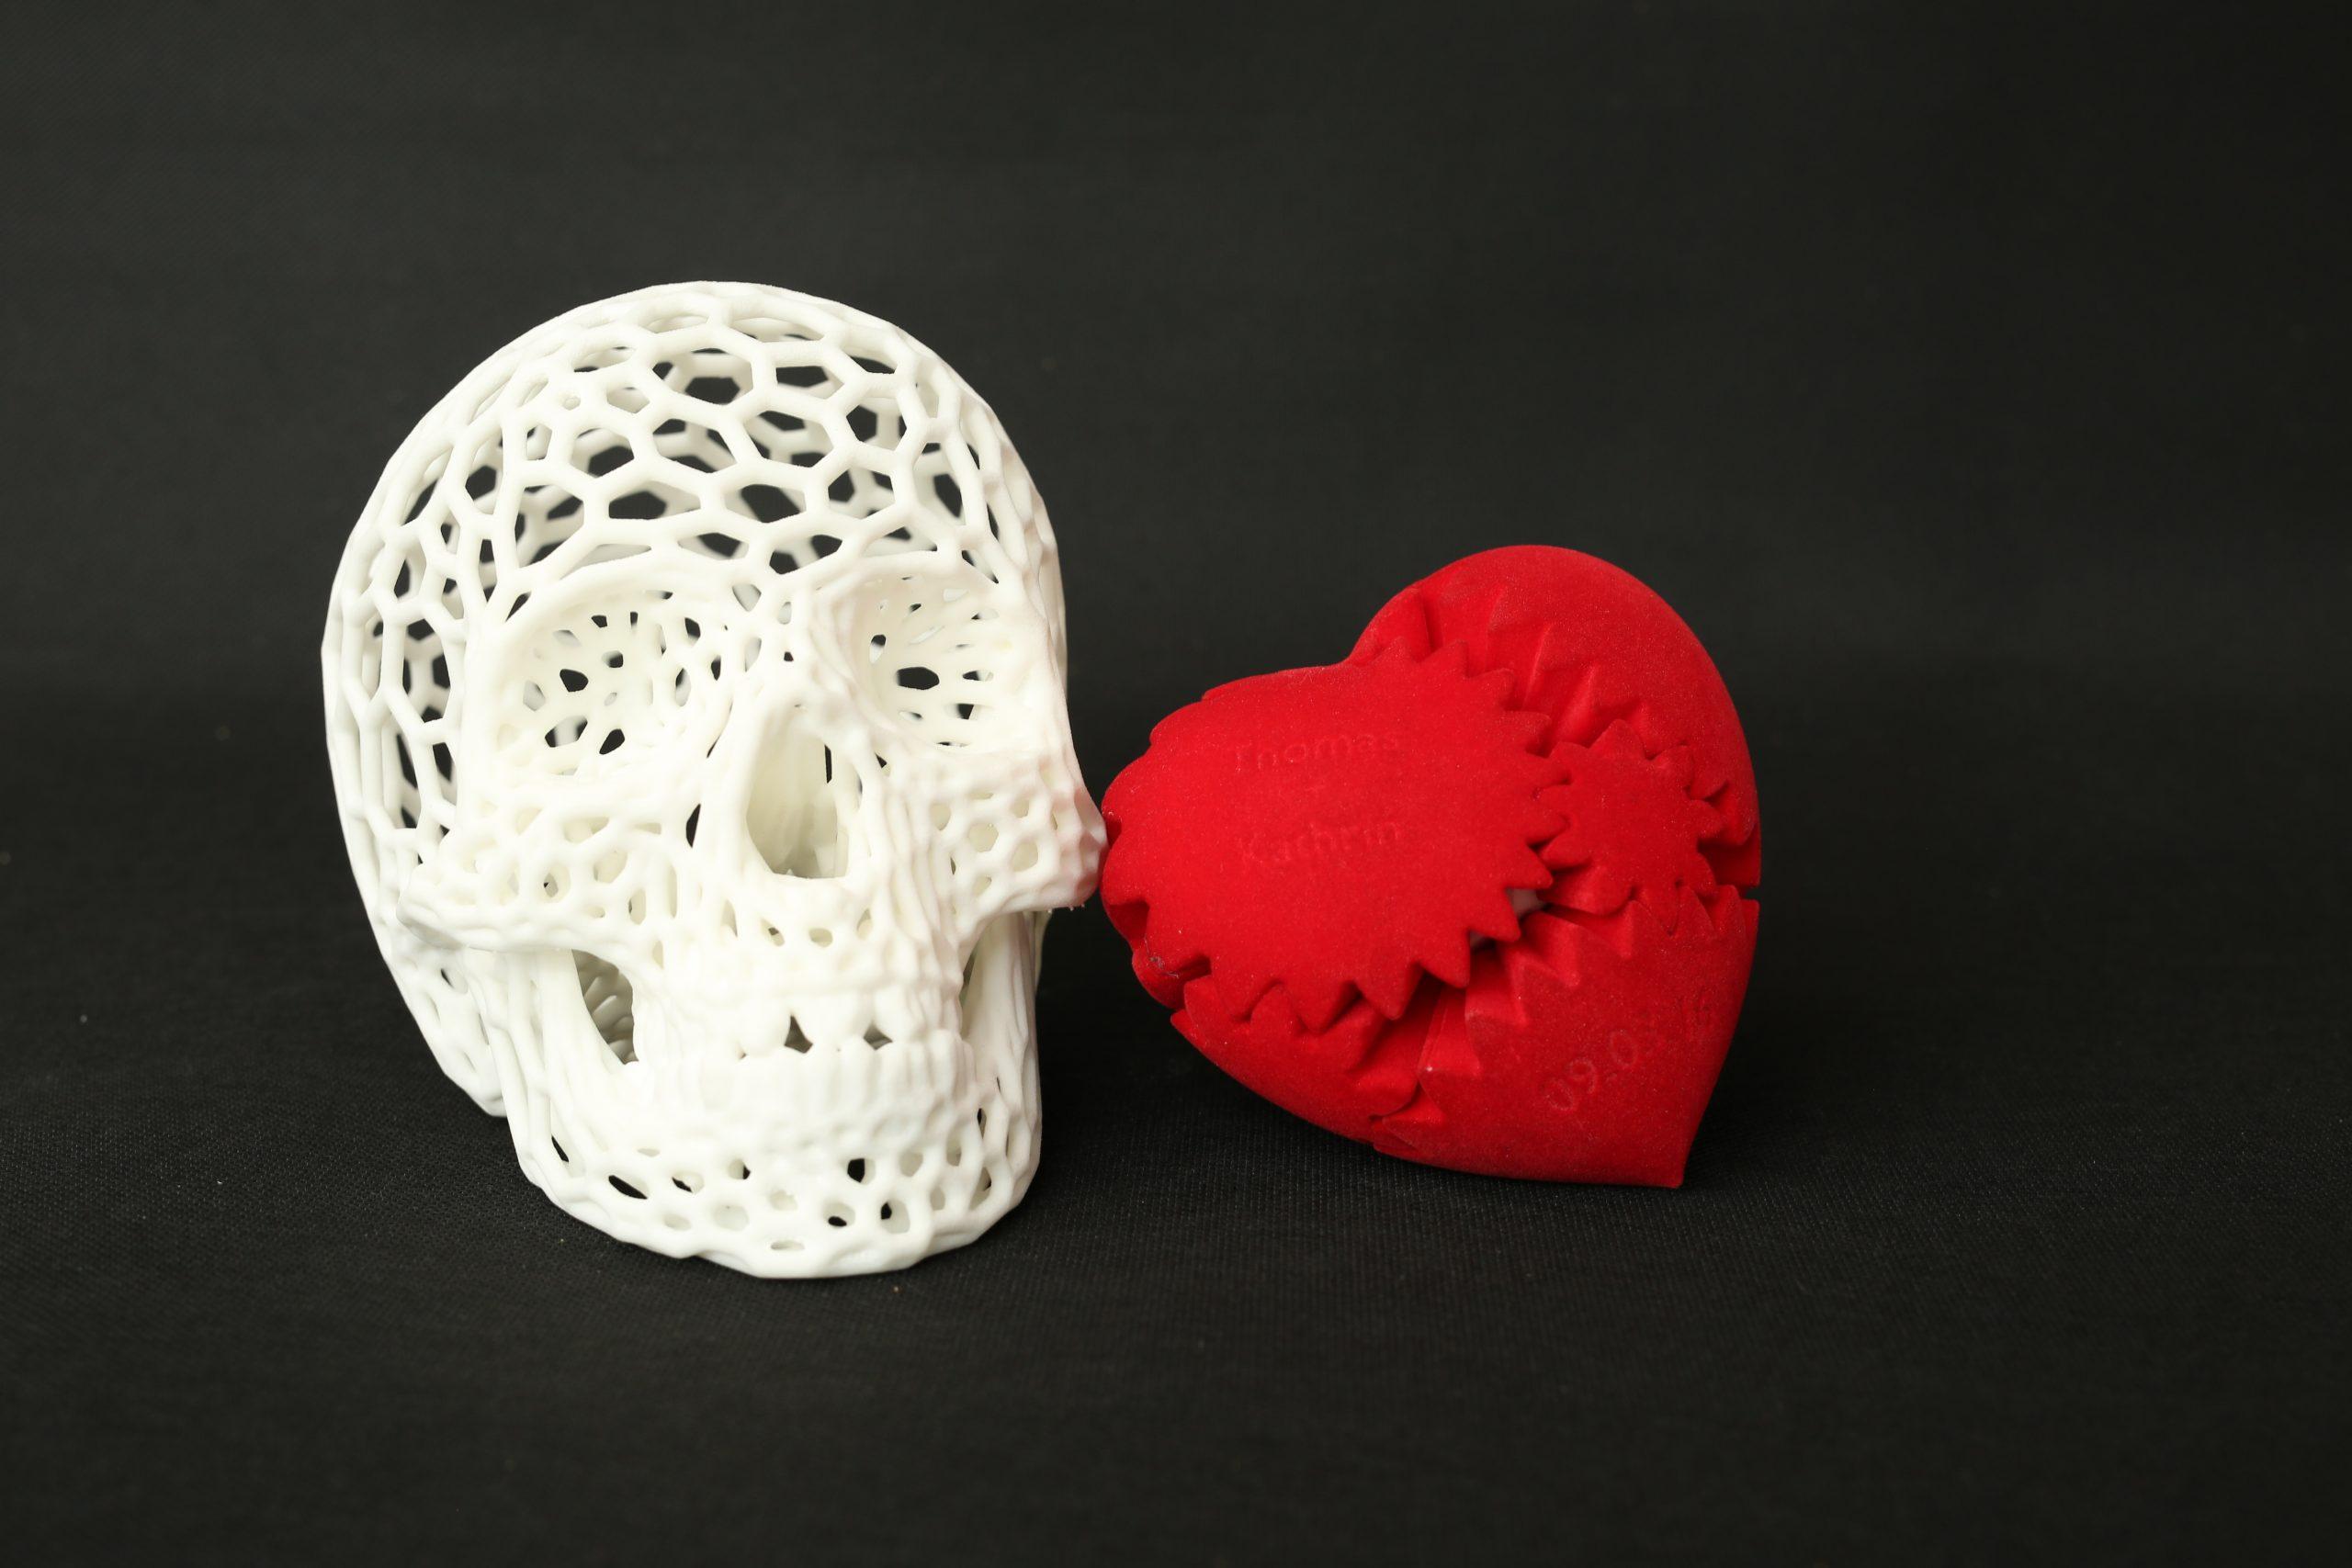 3D printed artistic skull